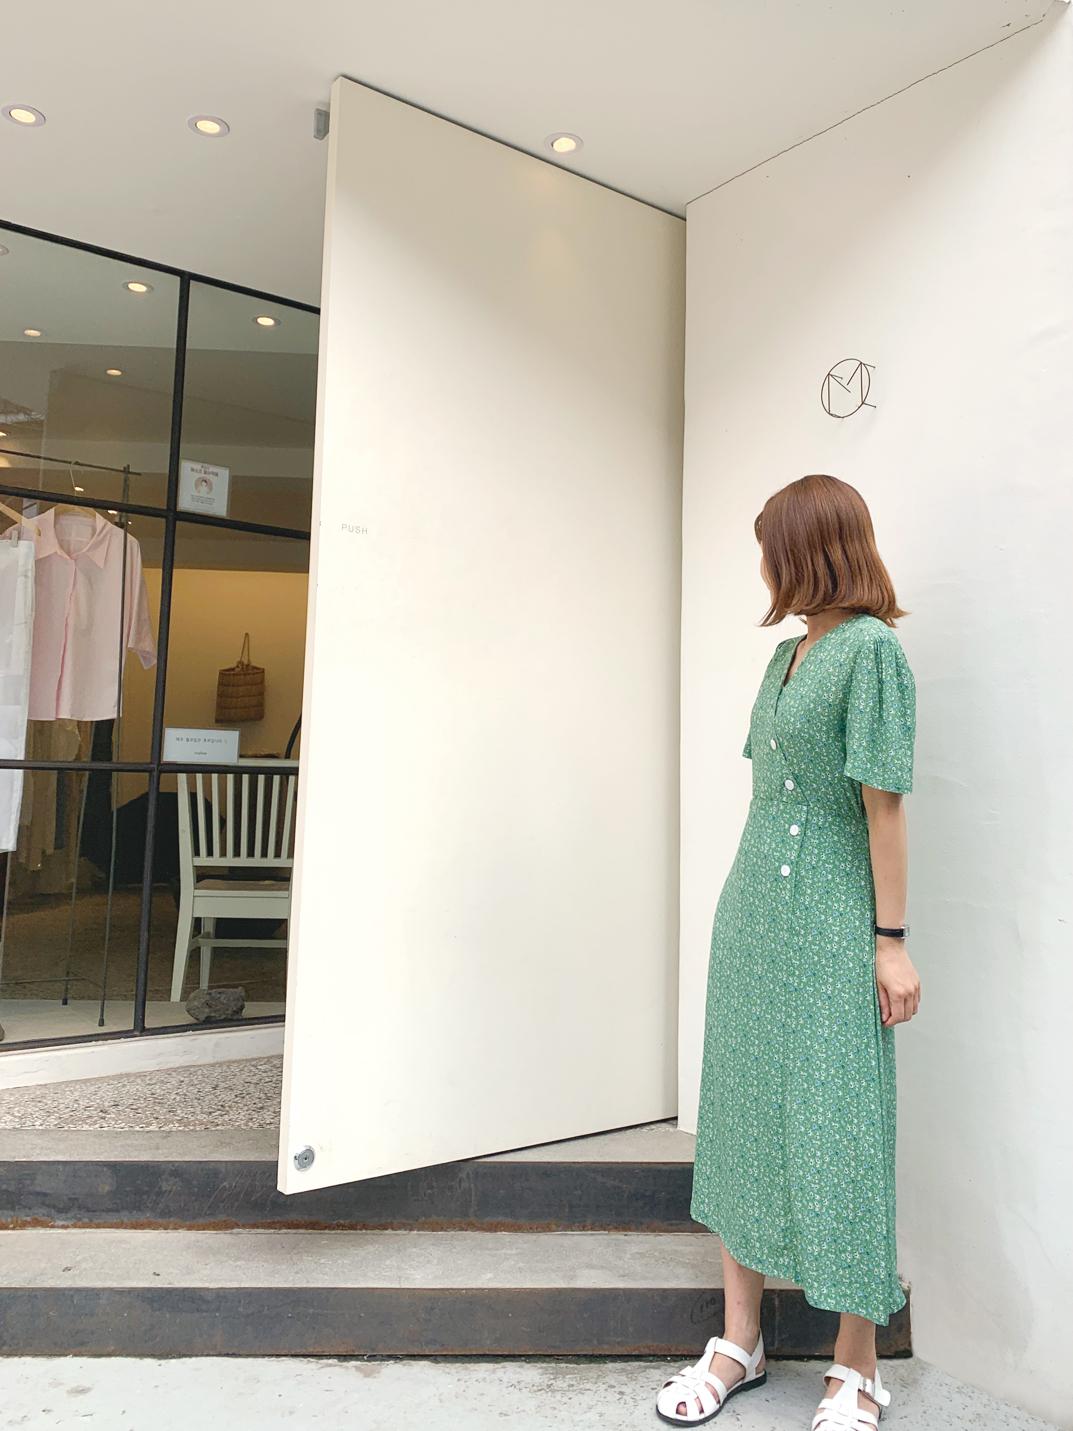 韓国スタイルのリアルが詰まった「KOREA SENSE」の著者に深掘り_1_4-4